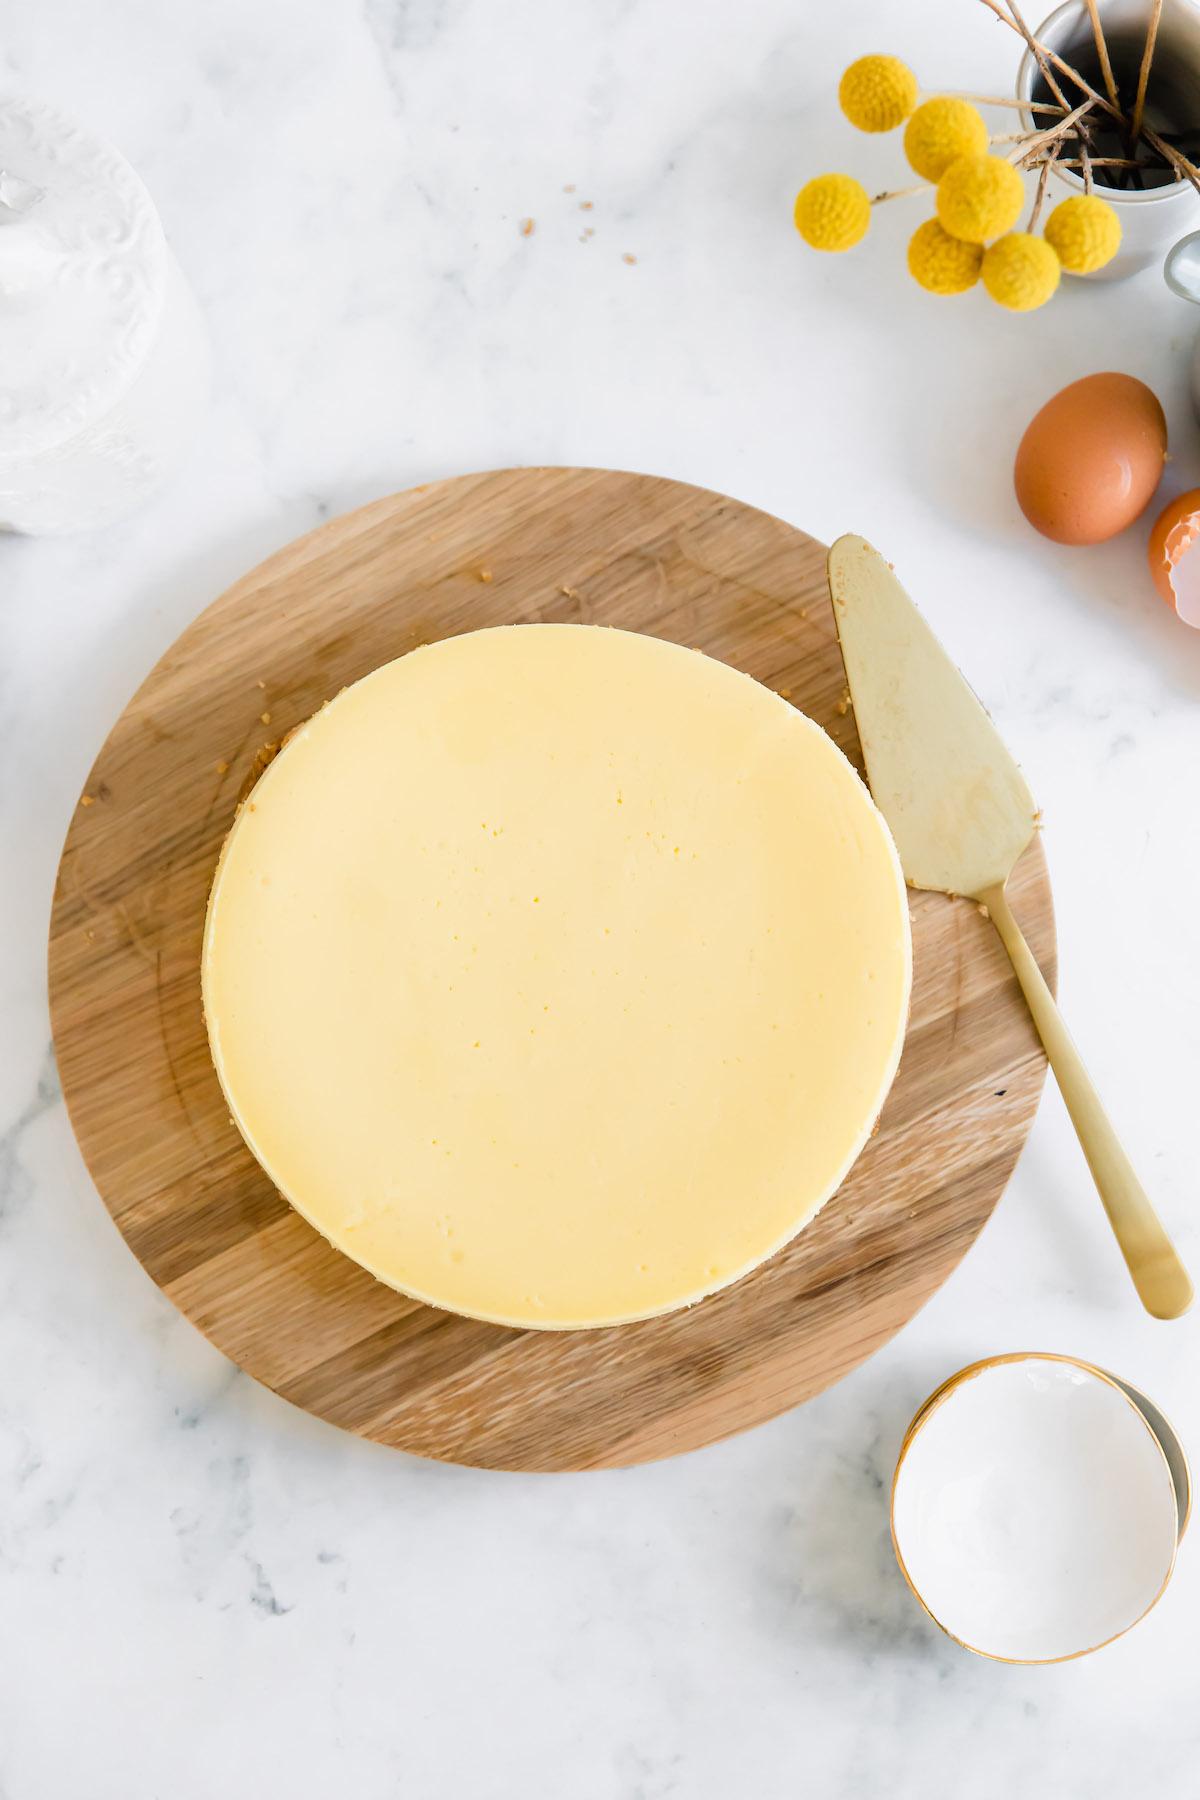 ny cheesecake overhead shot